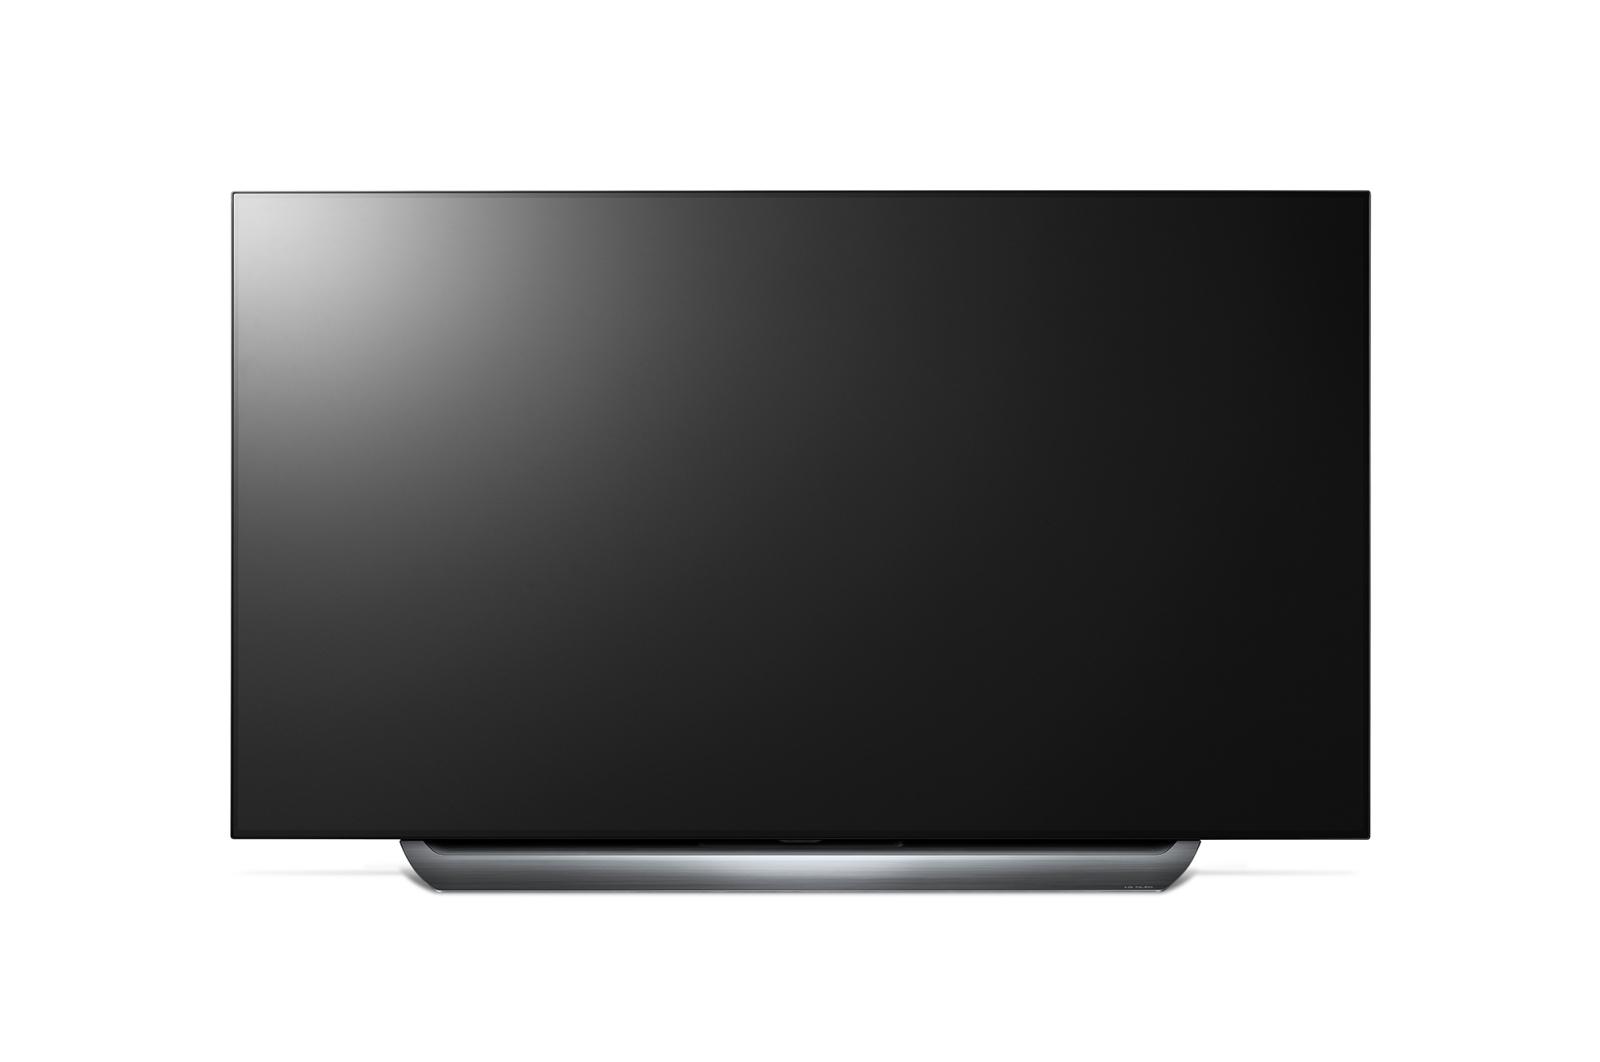 LG OLED77C8PLA telewizor premium OLED